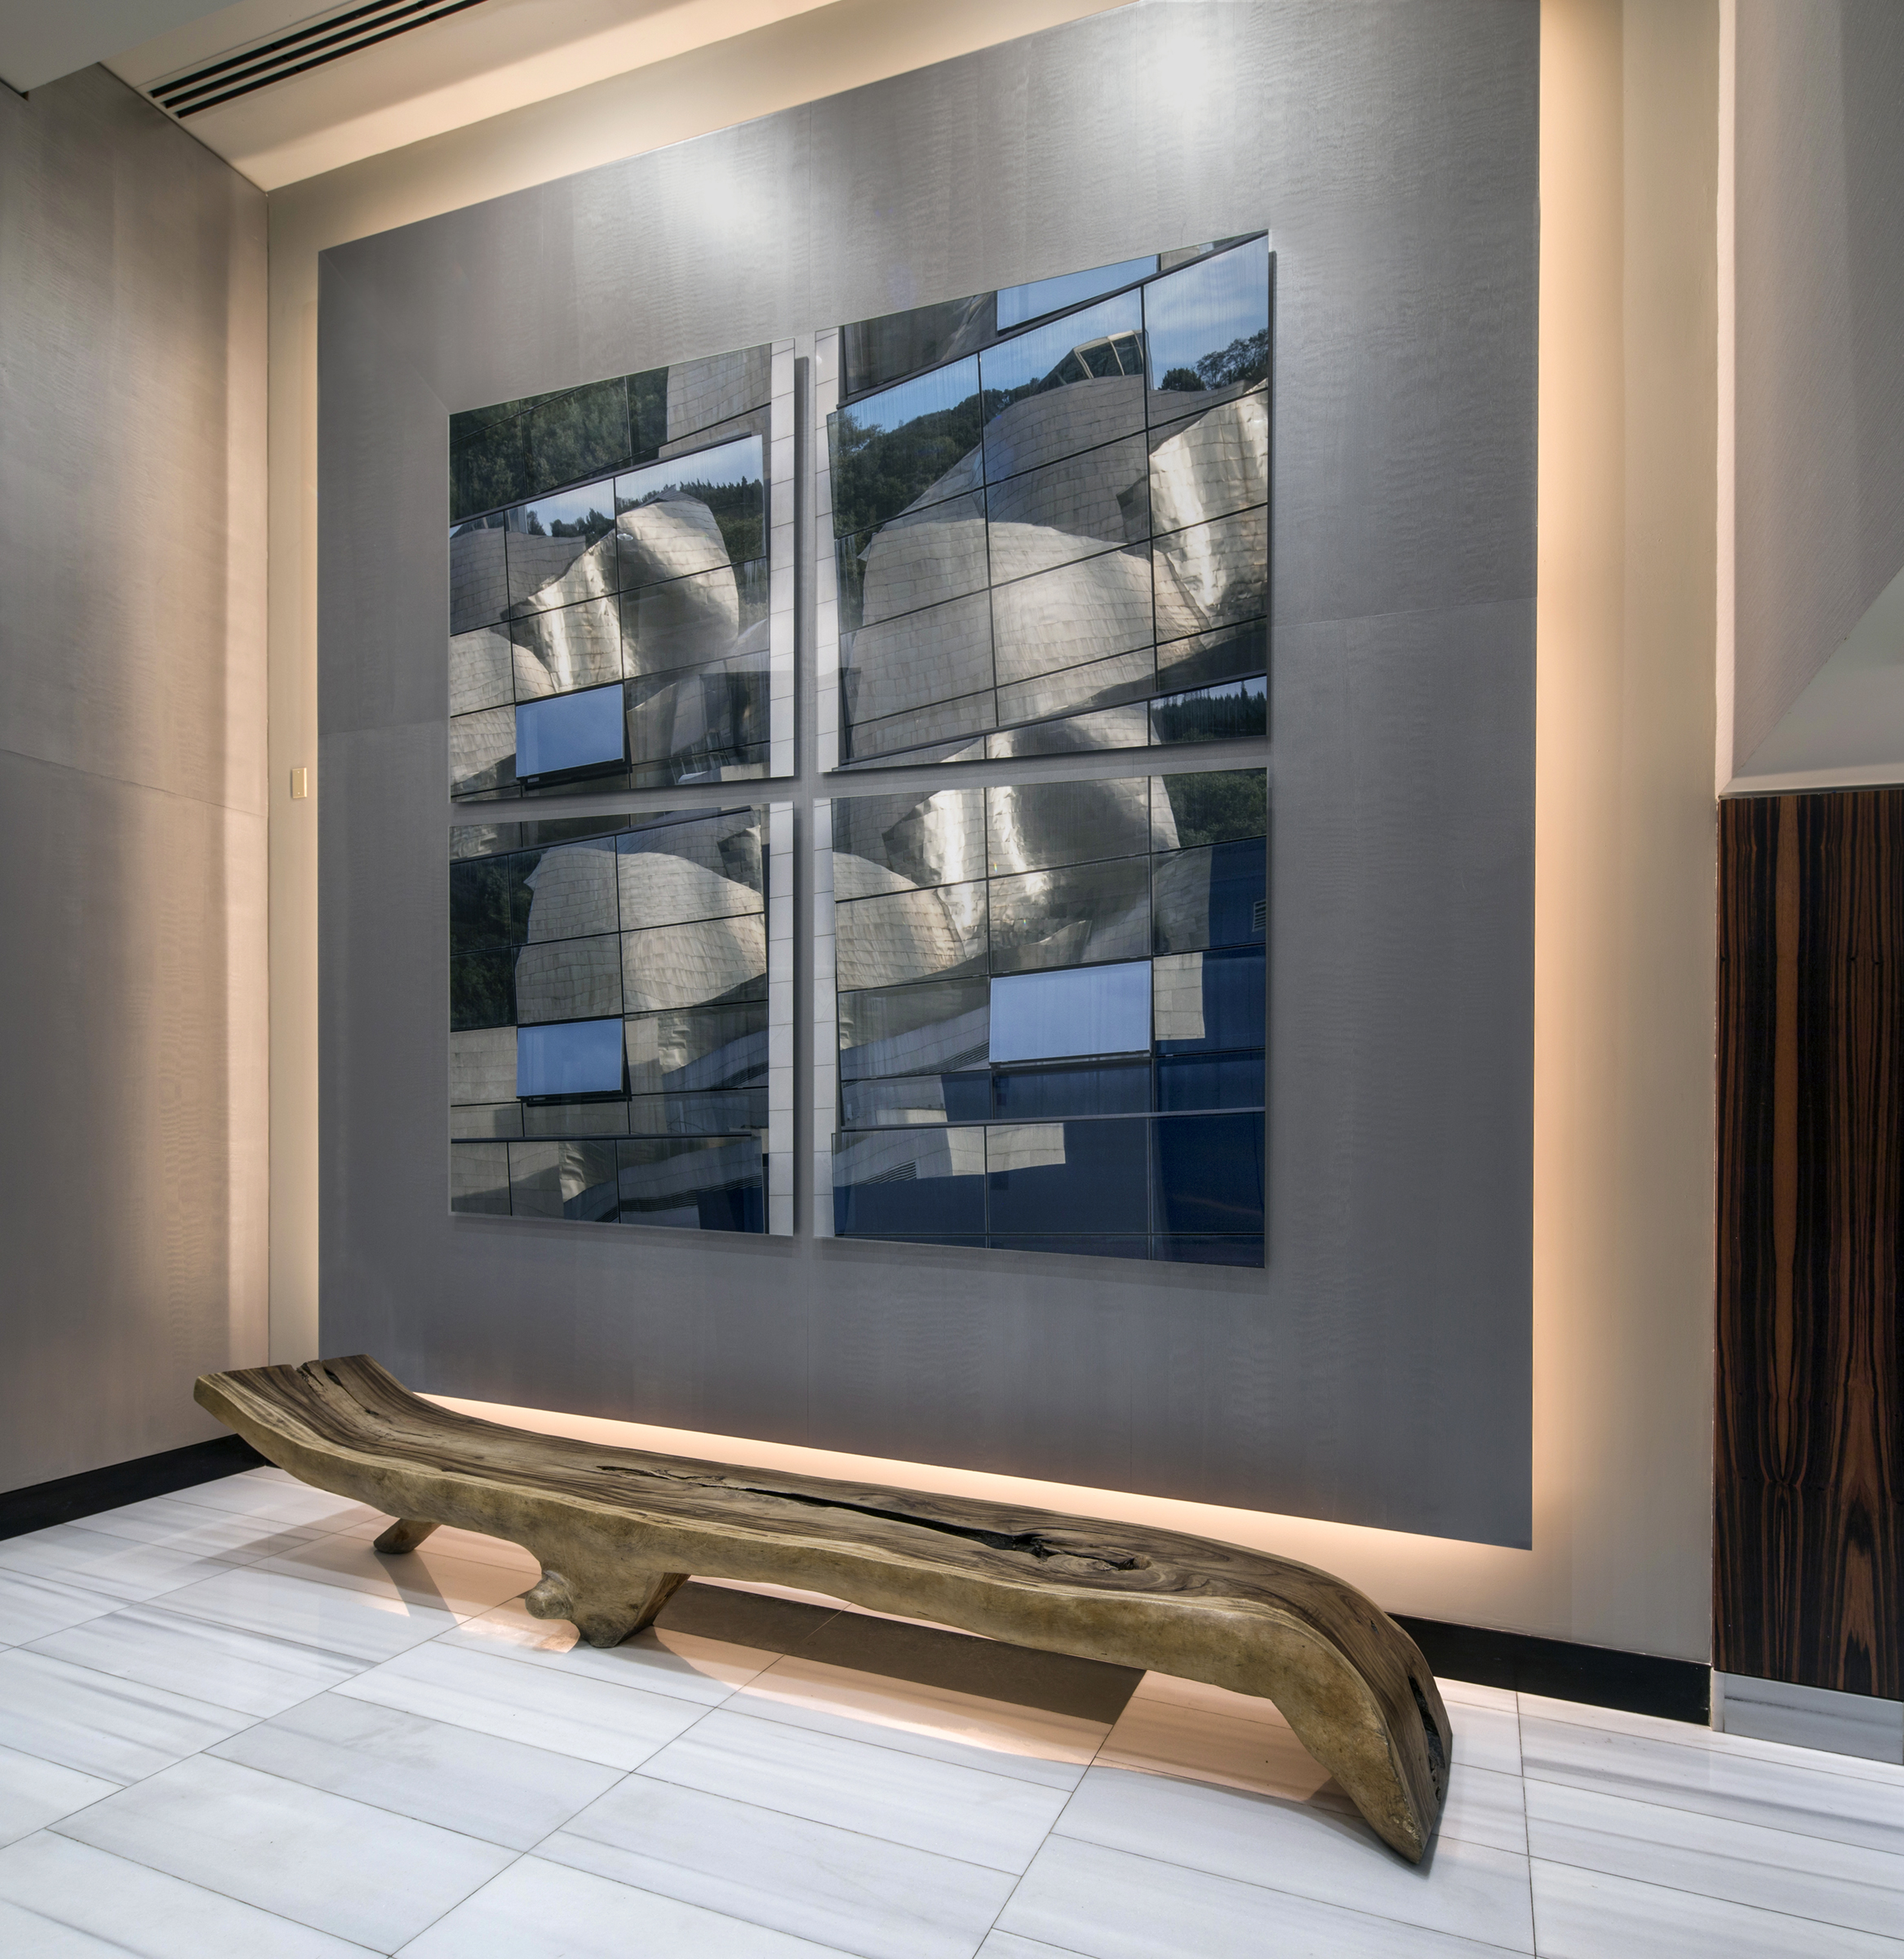 Guggenheim #11